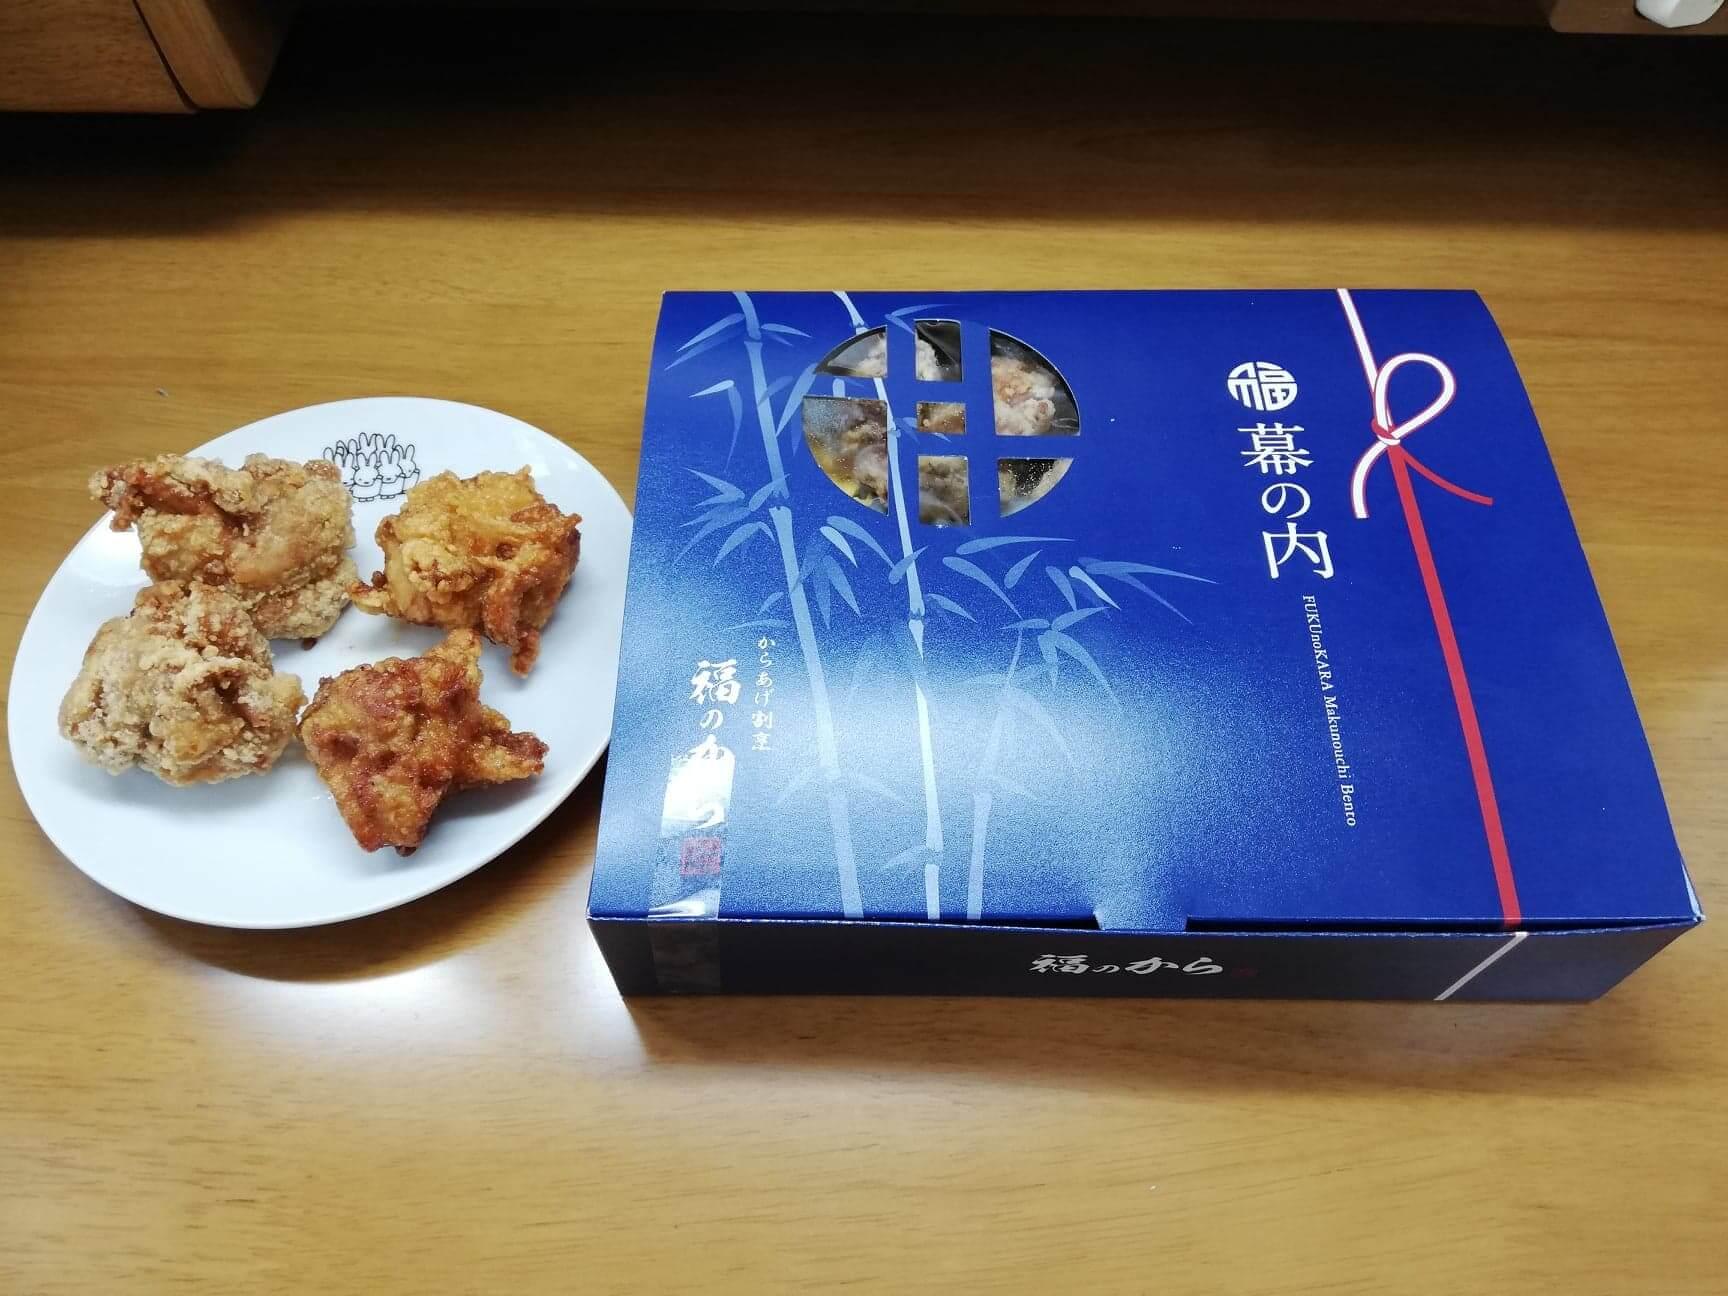 『からあげ割烹福のから』の塩麹からあげ幕の内弁当と単品唐揚げの写真